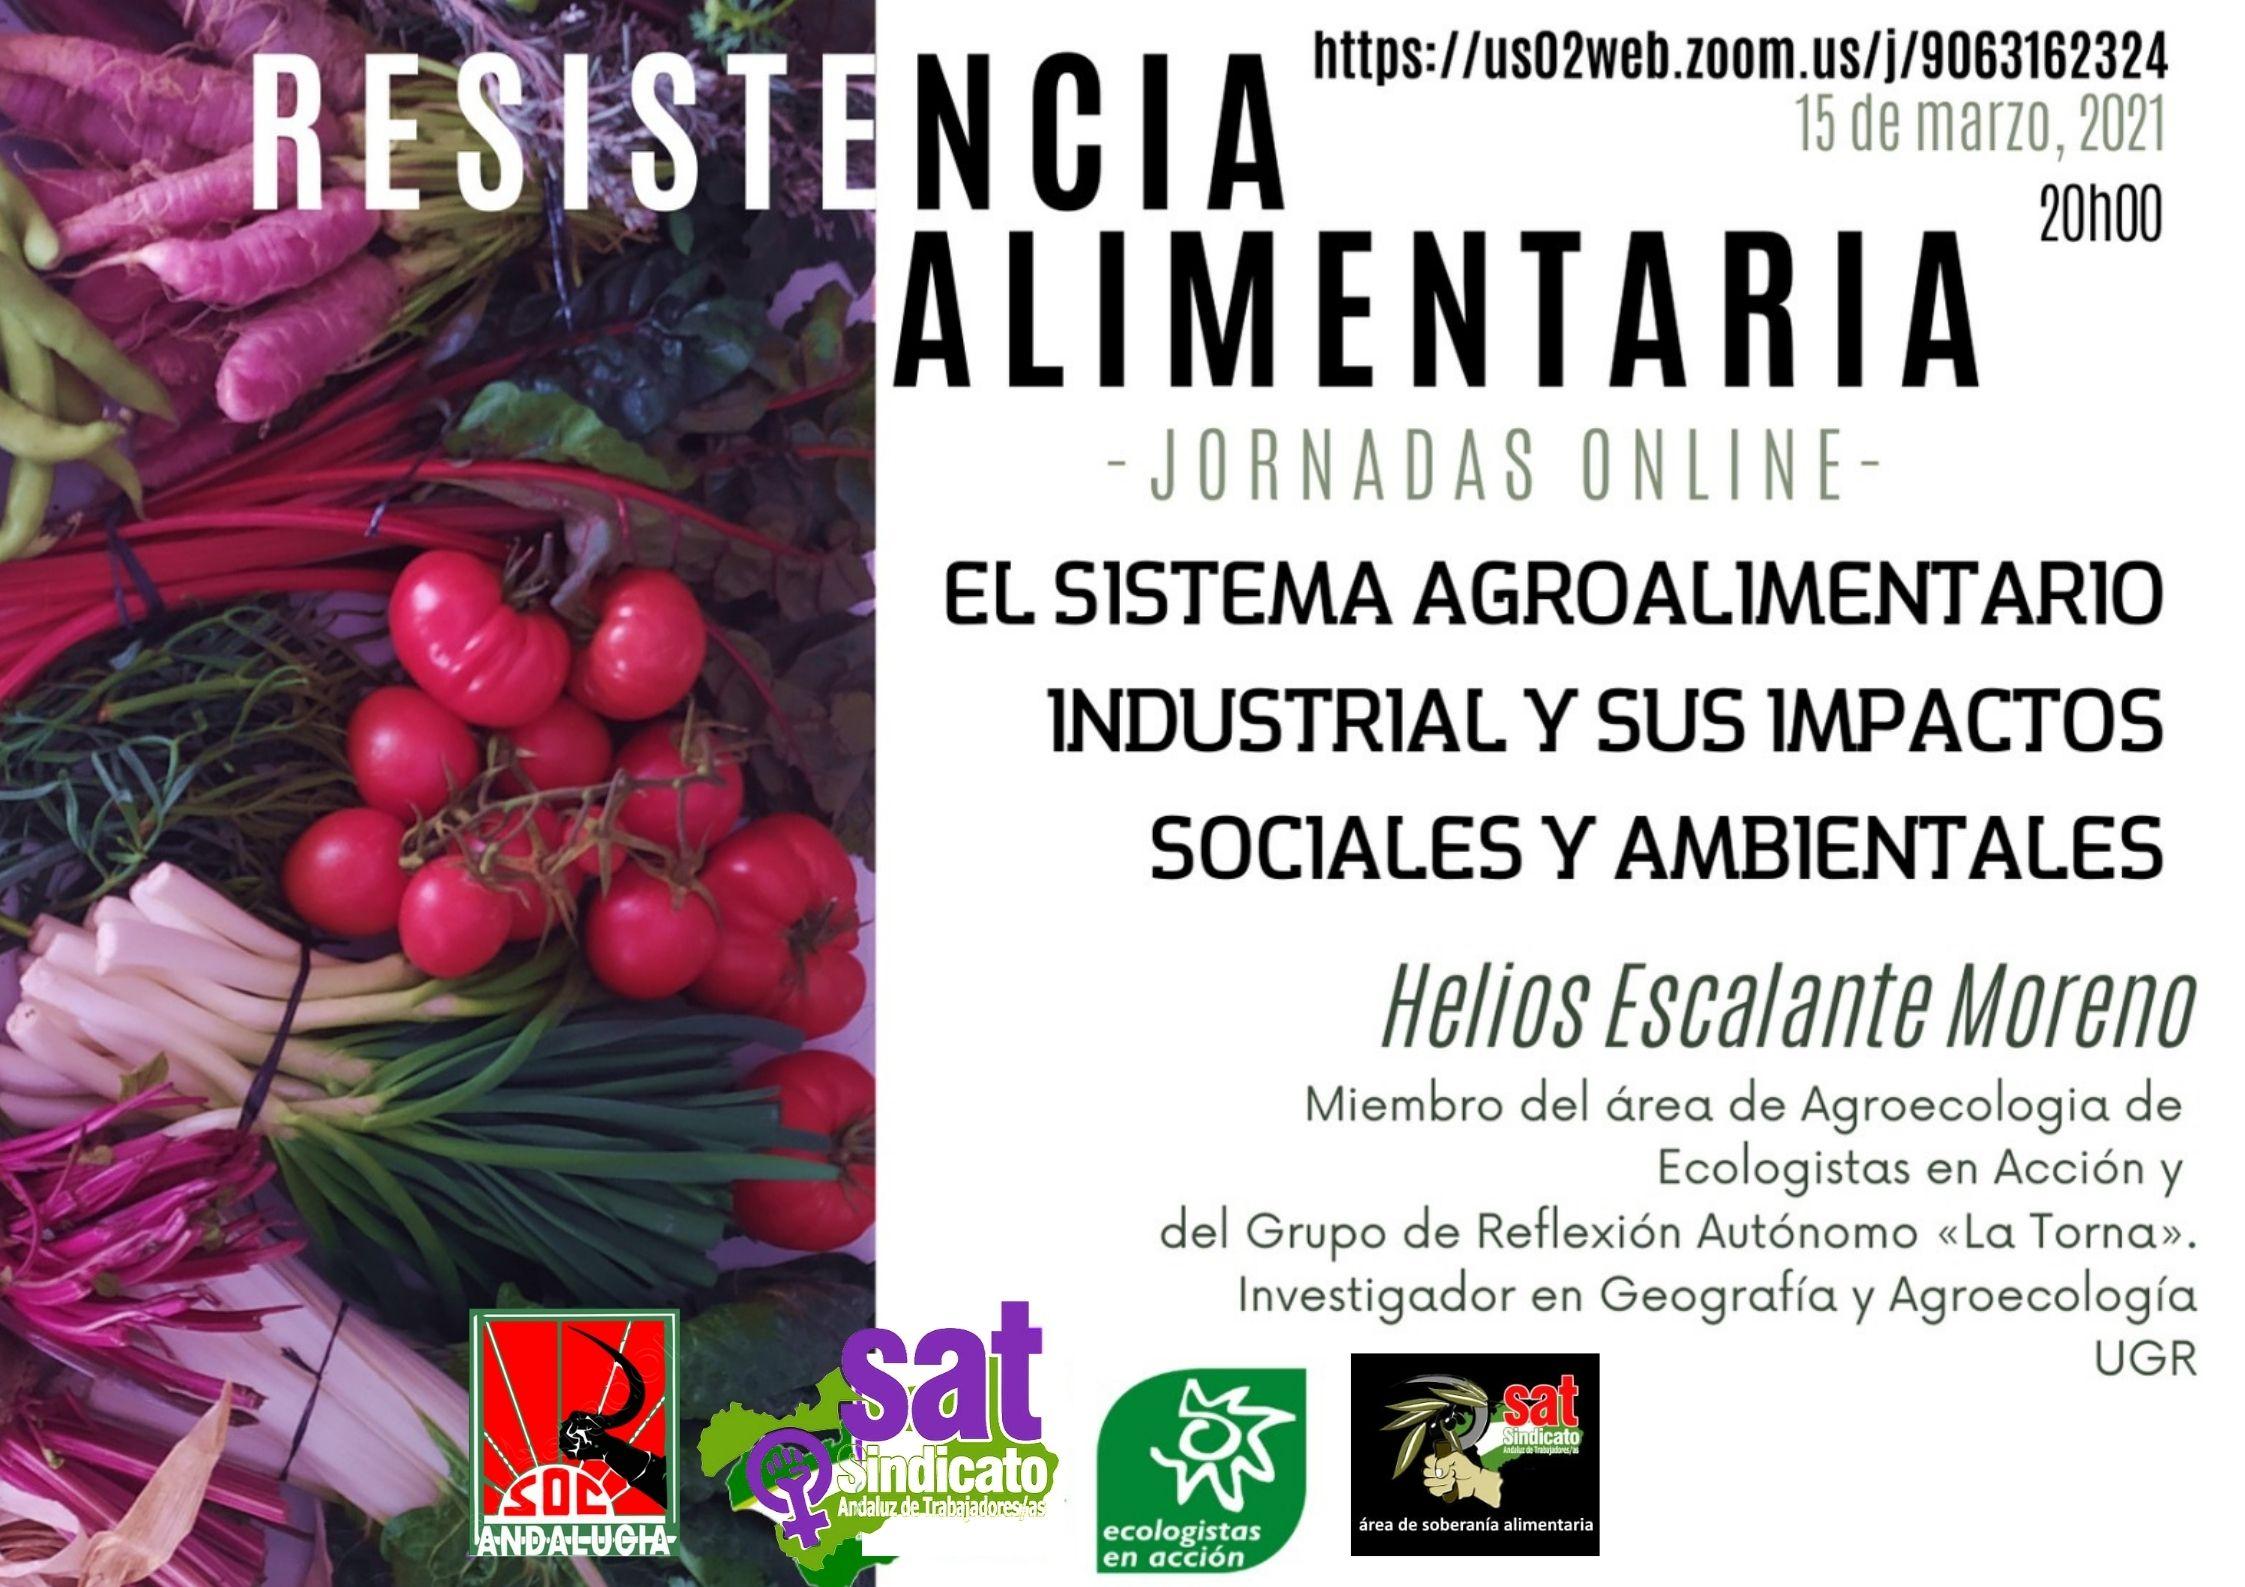 15 de marzo. El Sistema agroalimentario...horizontal